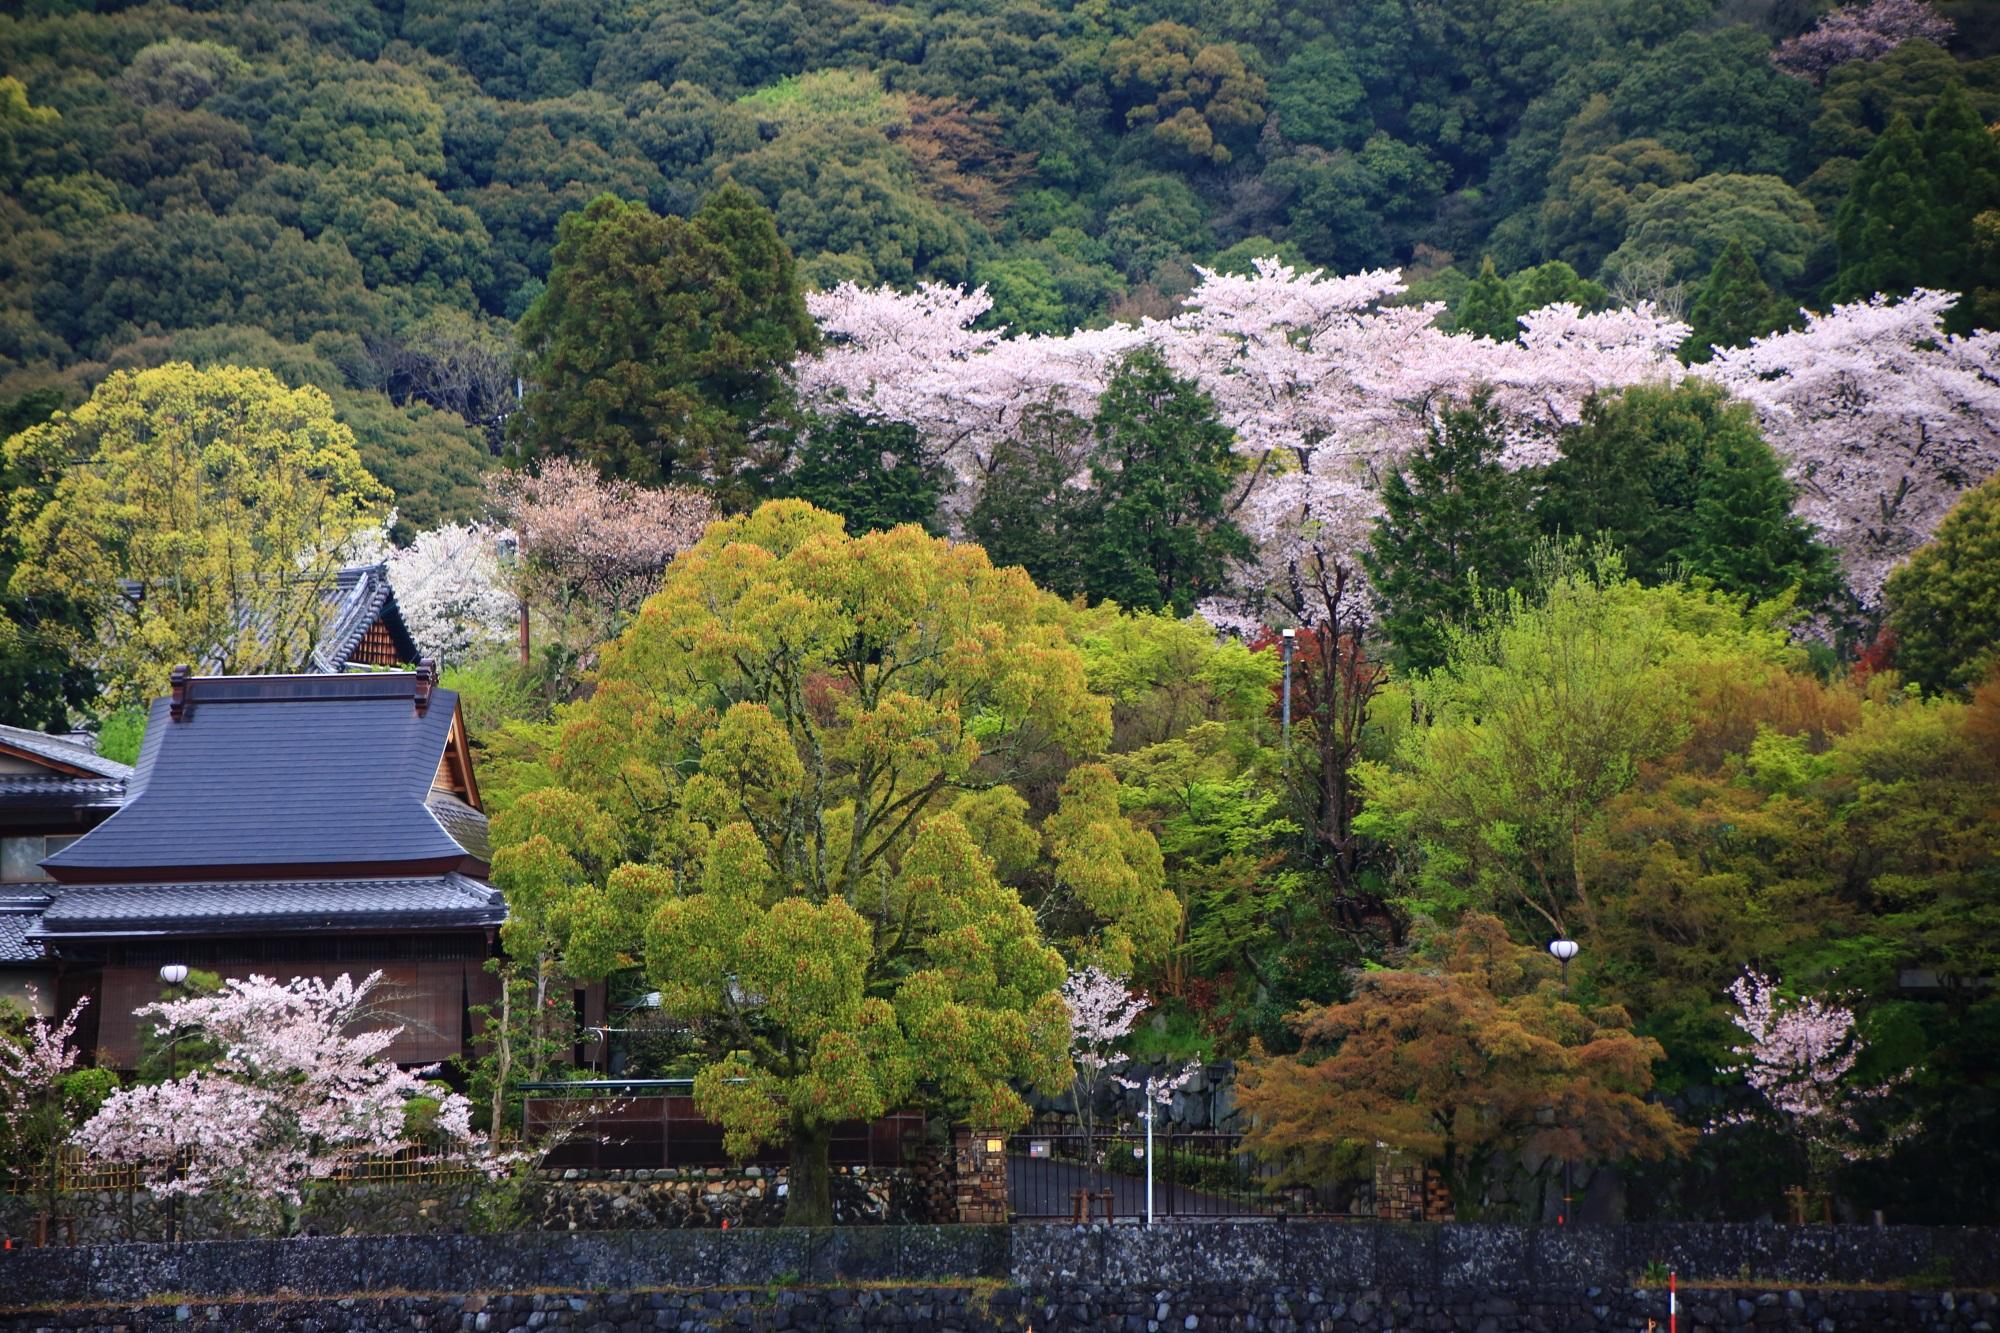 緑の中で華やぐ満開の桜